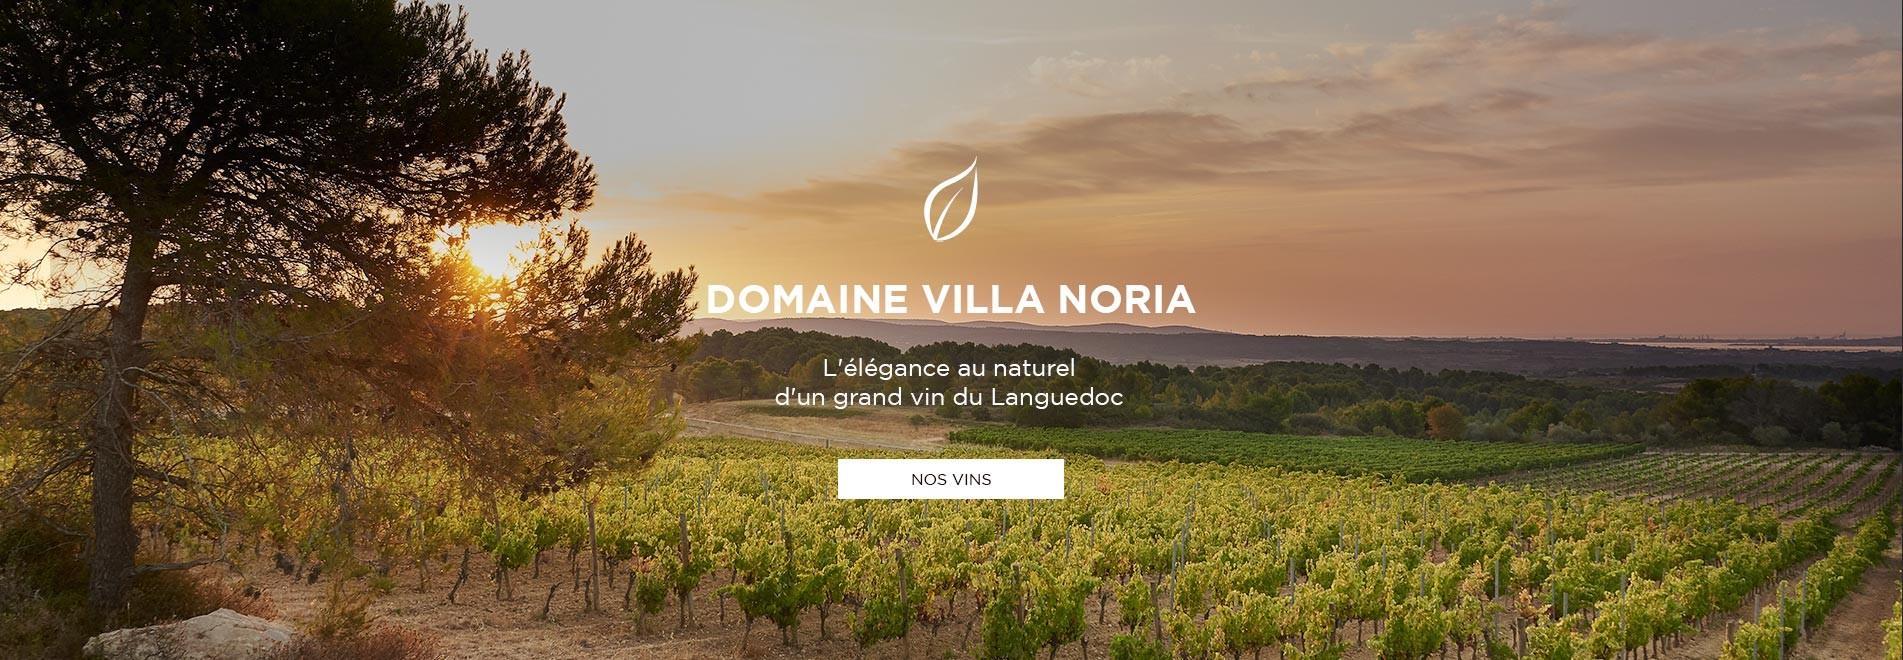 Domaine Villa Noria